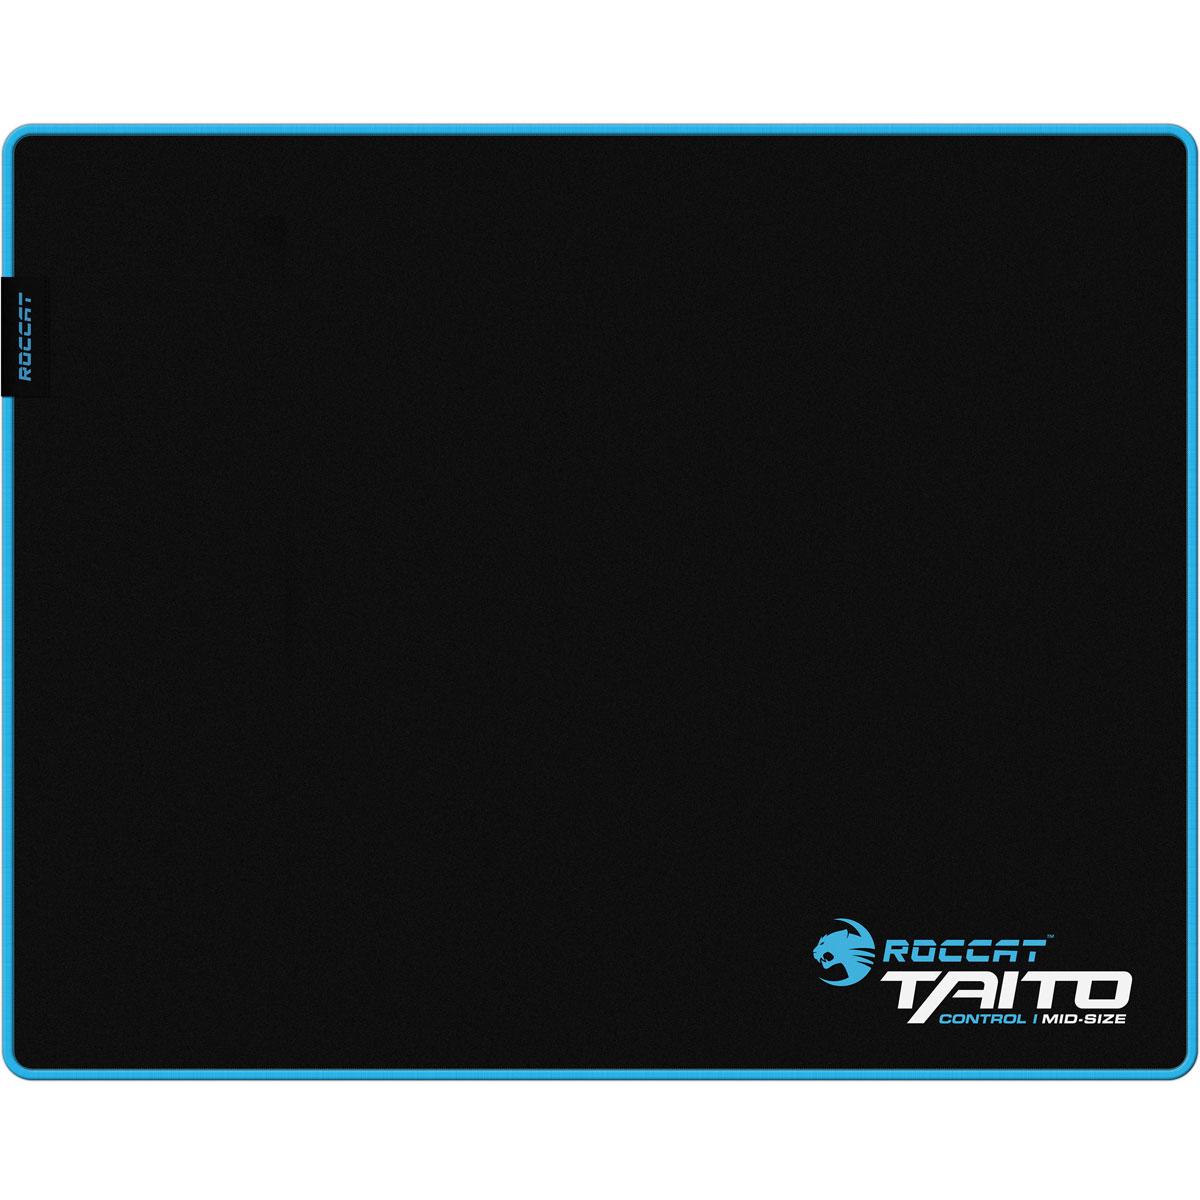 ROCCAT Taito Control Edition коврик для мышиROC-13-170Коврик для мыши ROCCAT Taito Control Edition создан для геймеров, которые предпочитают прежде всего контроль. Это новое поколение игровых ковриков, делающее акцент именно на должном уважении к точности и износостойкости.Taito Control представляет новую поверхность с улучшенными показателями контроля. Идеально для тех, кто хочет коврик с большим сопротивлением. Прорезиненное основание обеспечивает устойчивое и плавное скольжение мыши.ROCCAT Taito Control Edition обеспечивает для геймеров возможность максимально выверено исполнить свои команды, реализовать задумки. Обшитые края и специальные материалы, протестированные на прочность, предотвращают изнашивание и продлевают срок службы.